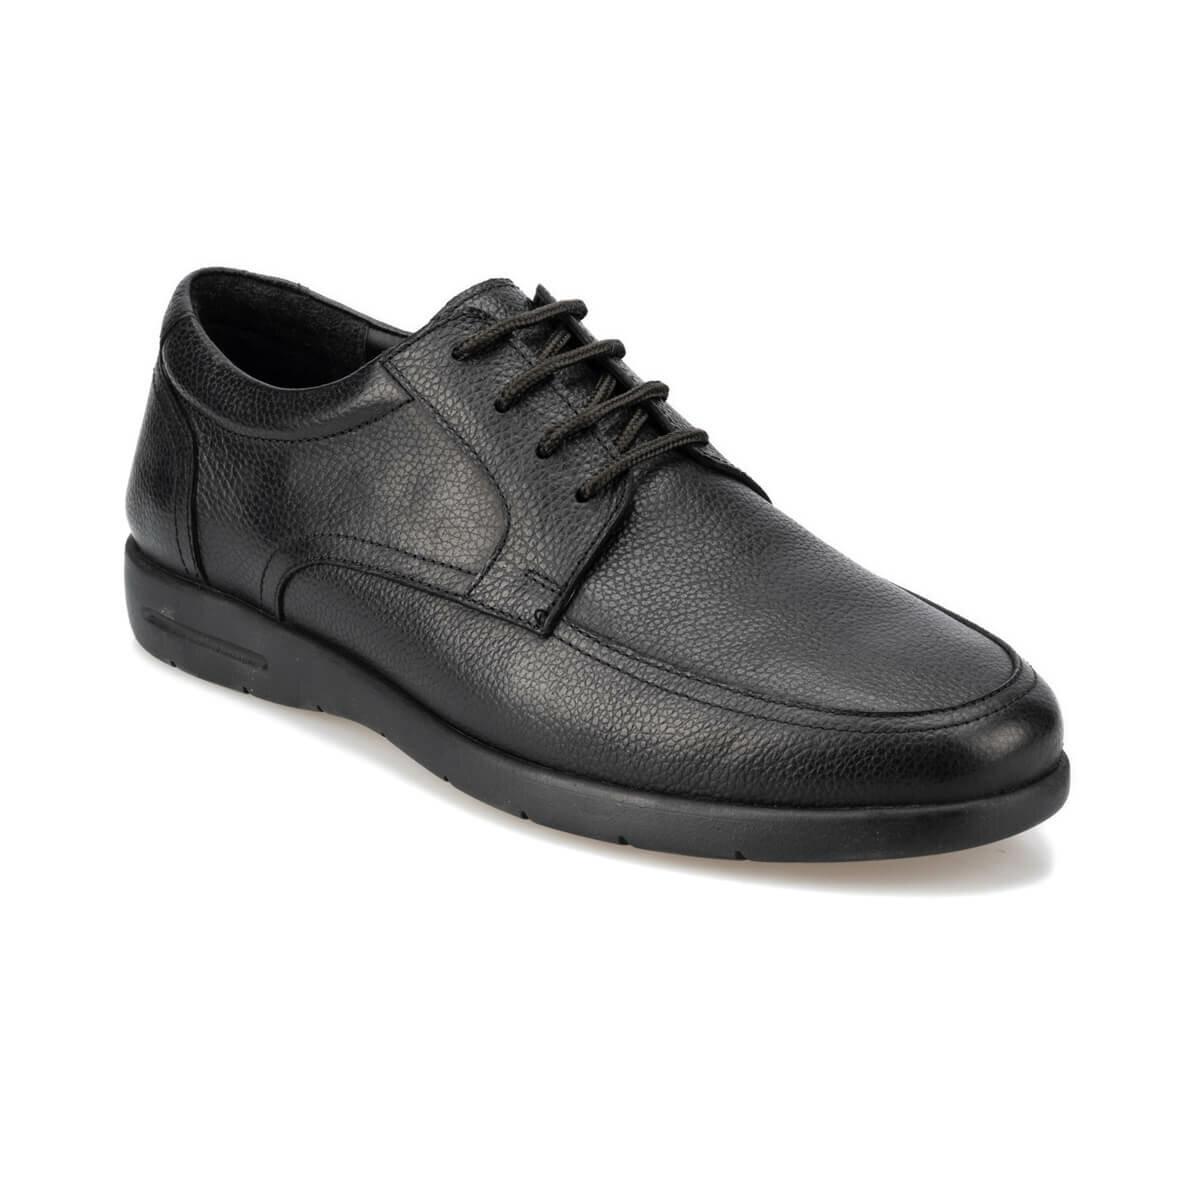 FLO 92. 100906.M Black Male Shoes Polaris 5 Point